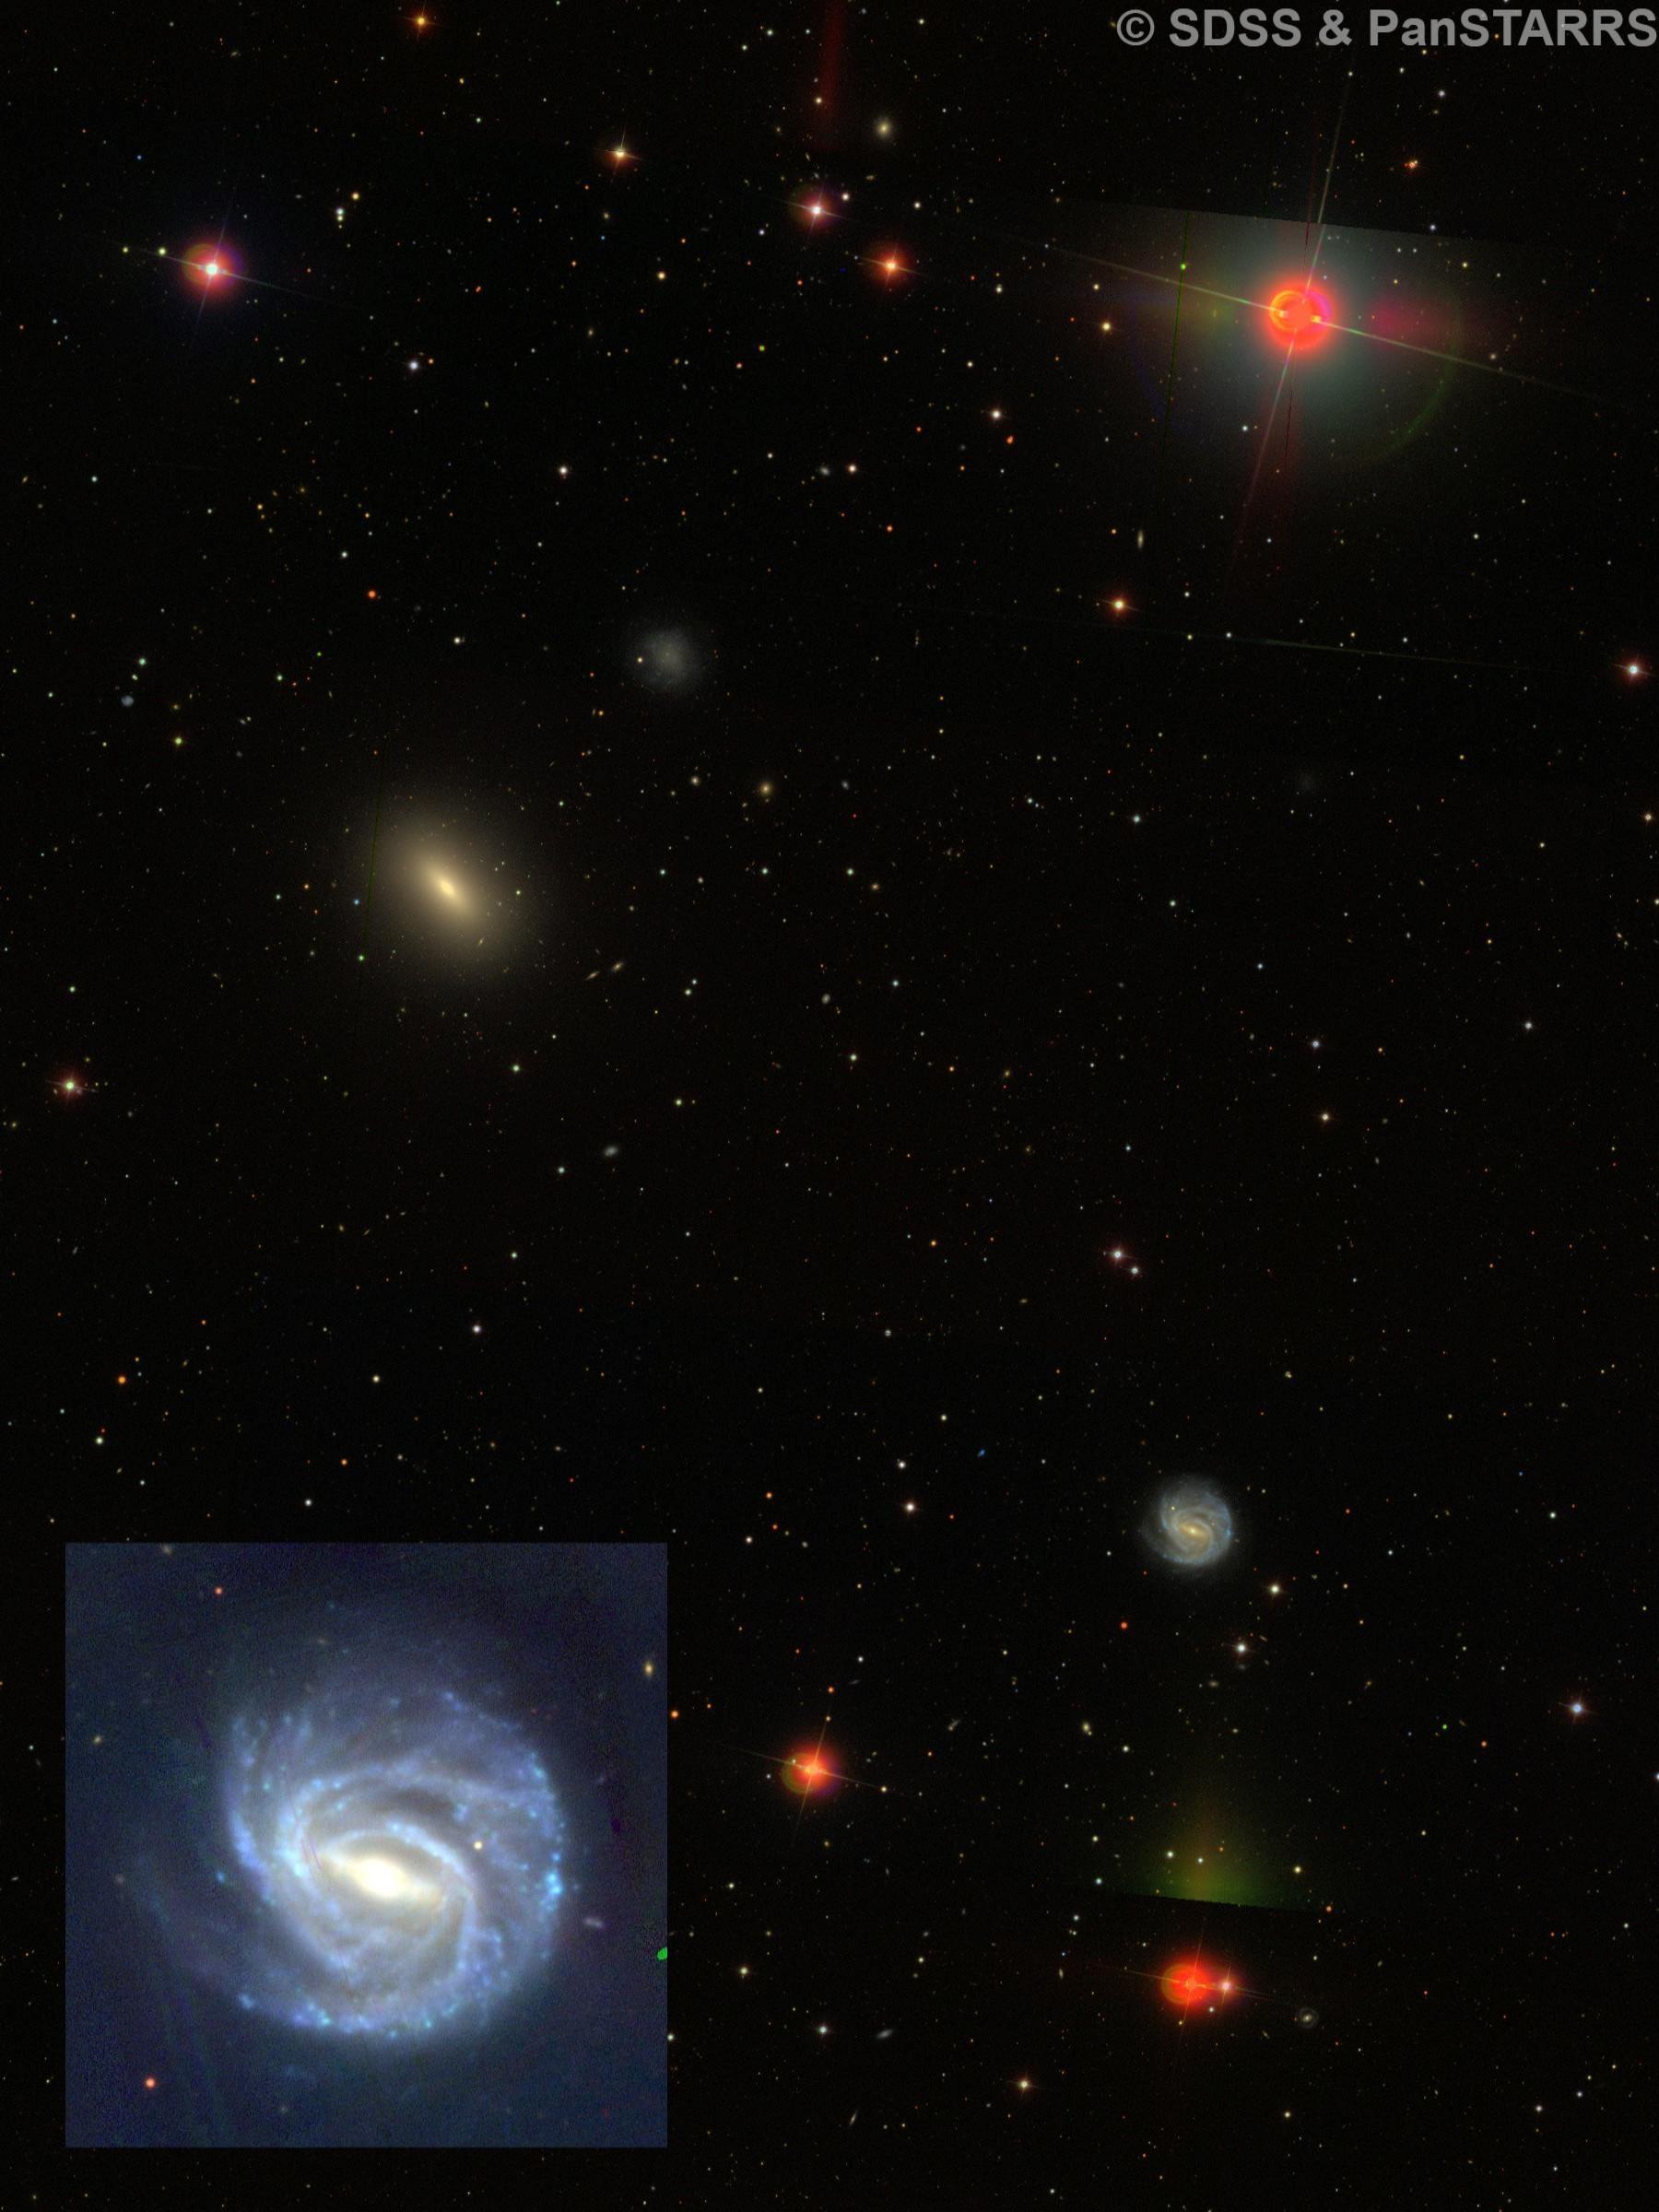 NGC 3367 & NGC 3377 & NGC 3377A